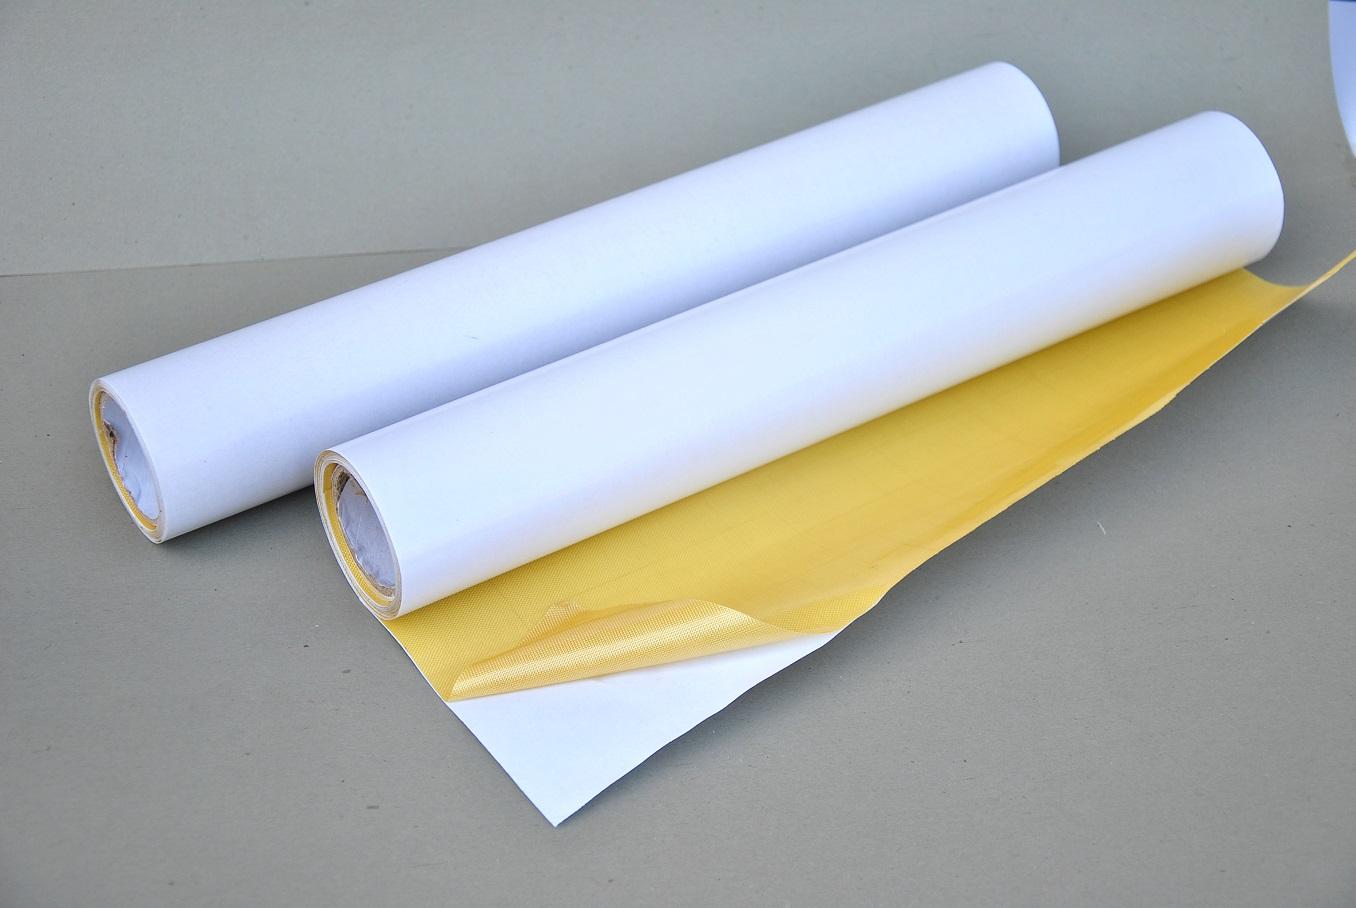 印刷双面胶带